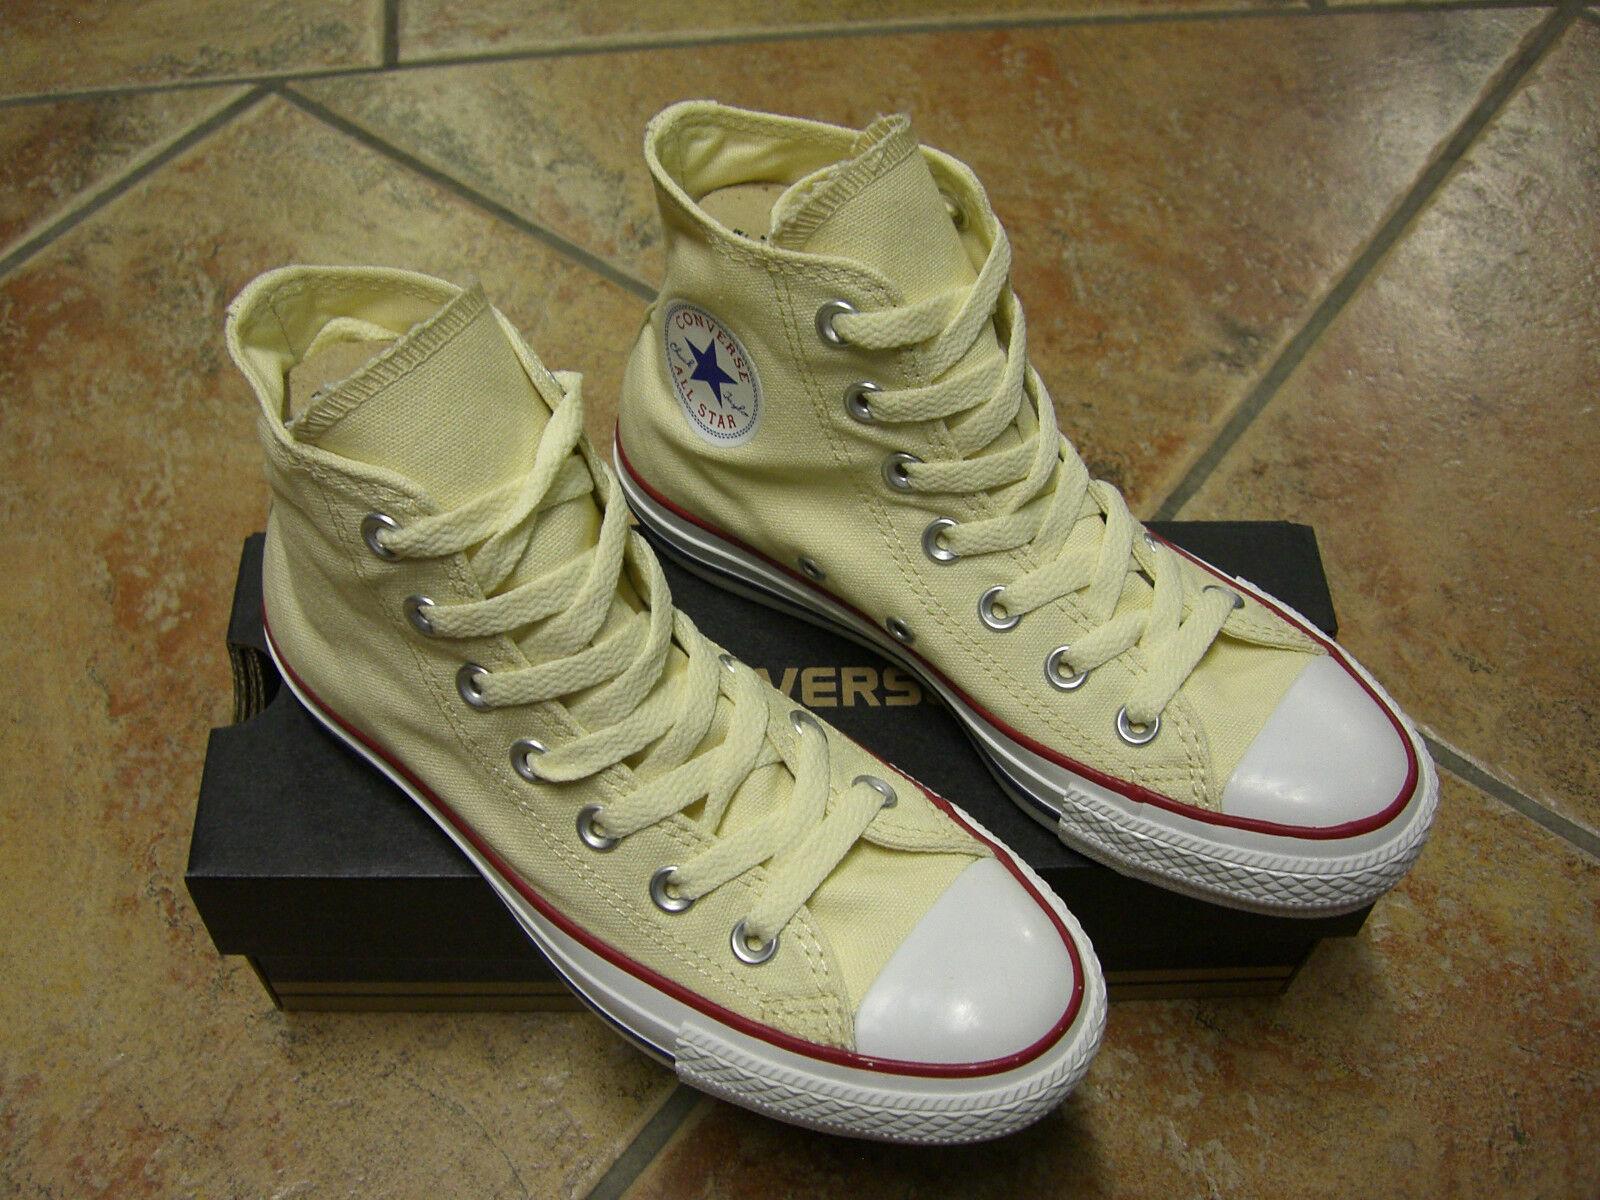 Converse Chucks All Star HI Gr.38 WEISS  WEISS  M9162 NEU